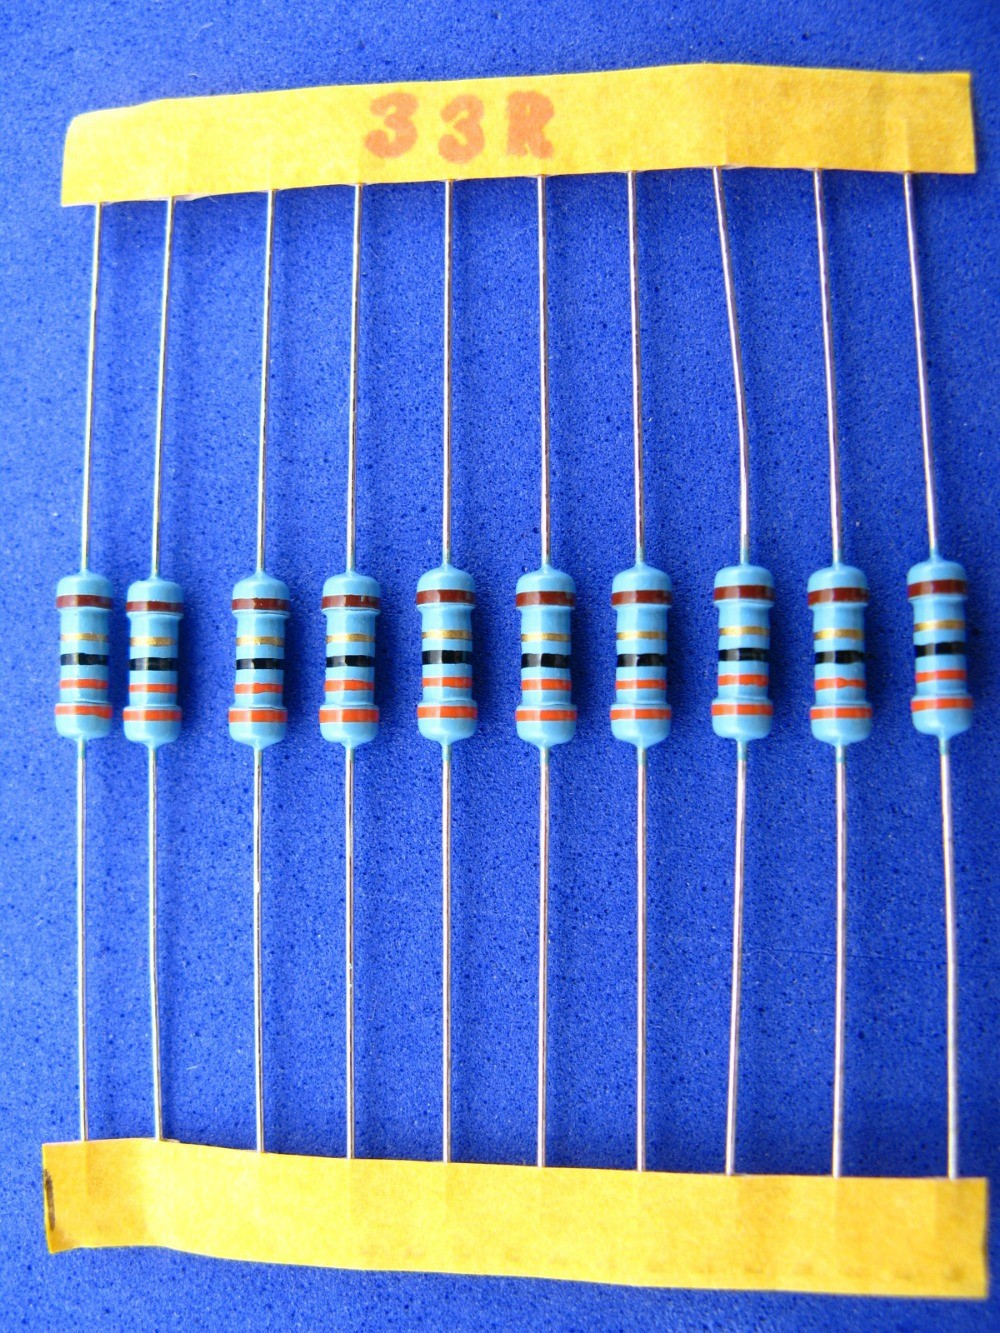 100 résistance 374ohm mf0207 metallfilm resistors 374r 0,6w tk50 1/% 032810